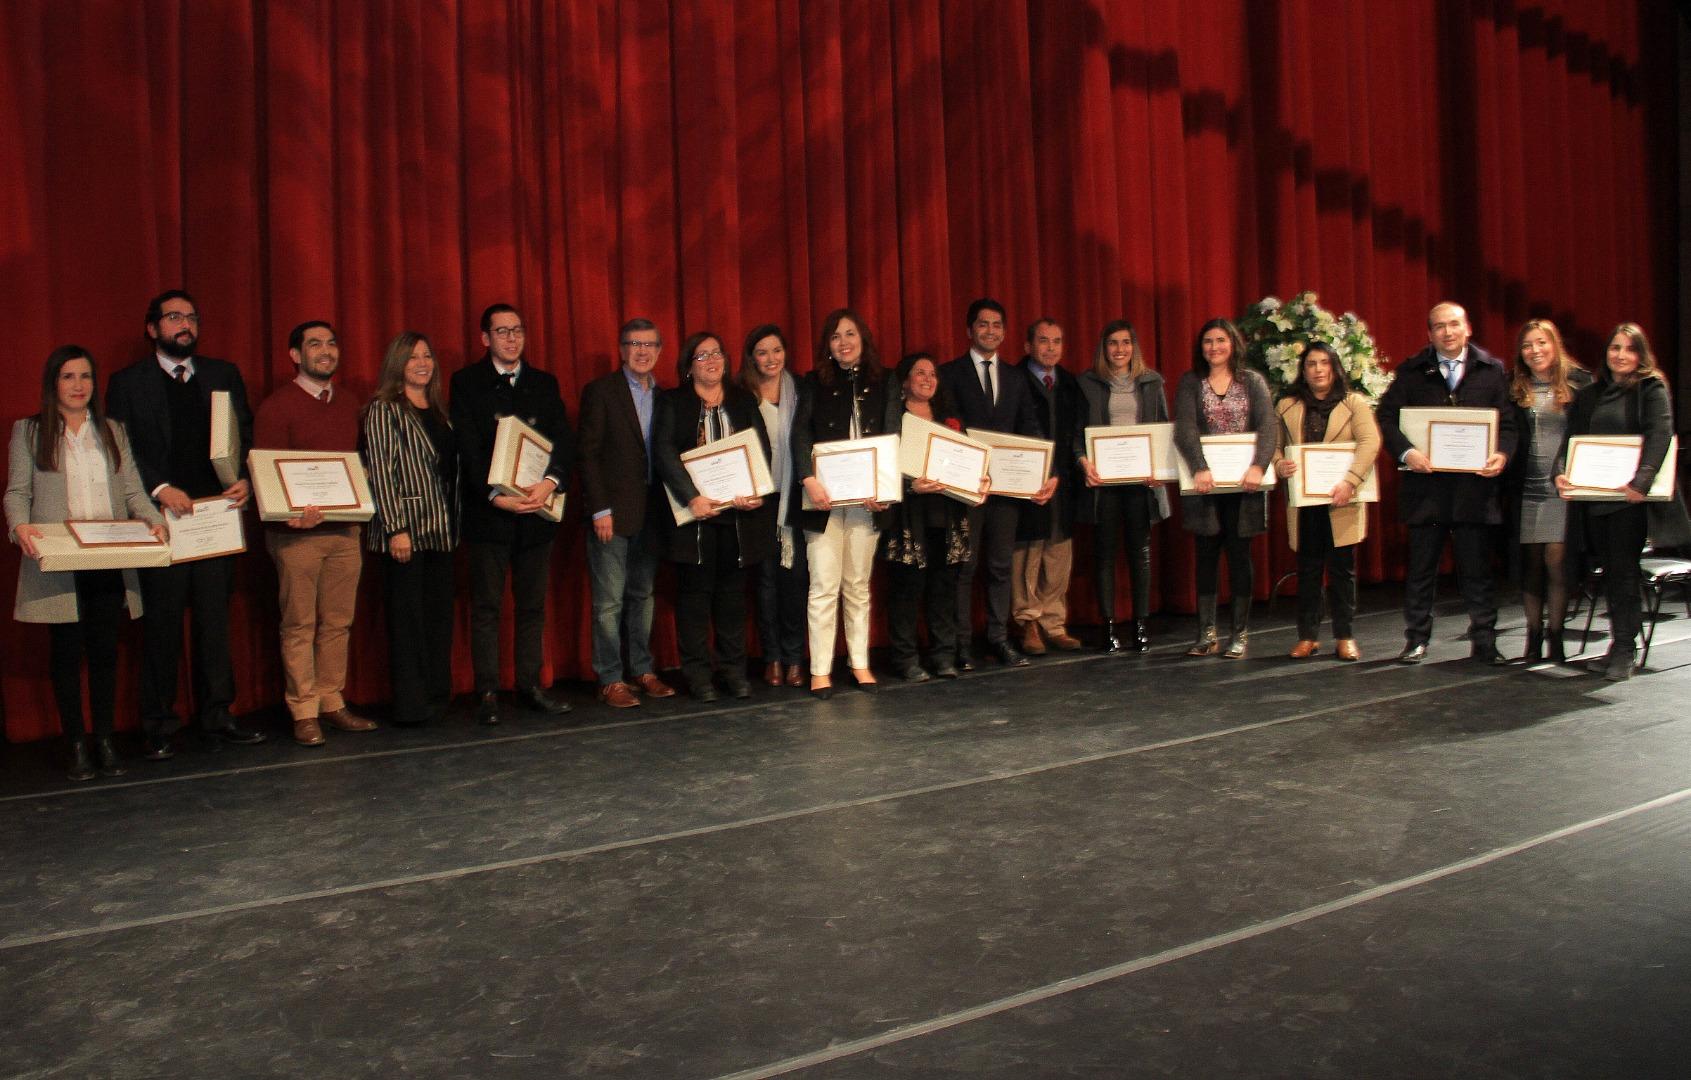 Alcalde Lavín premia a docentes Destacados